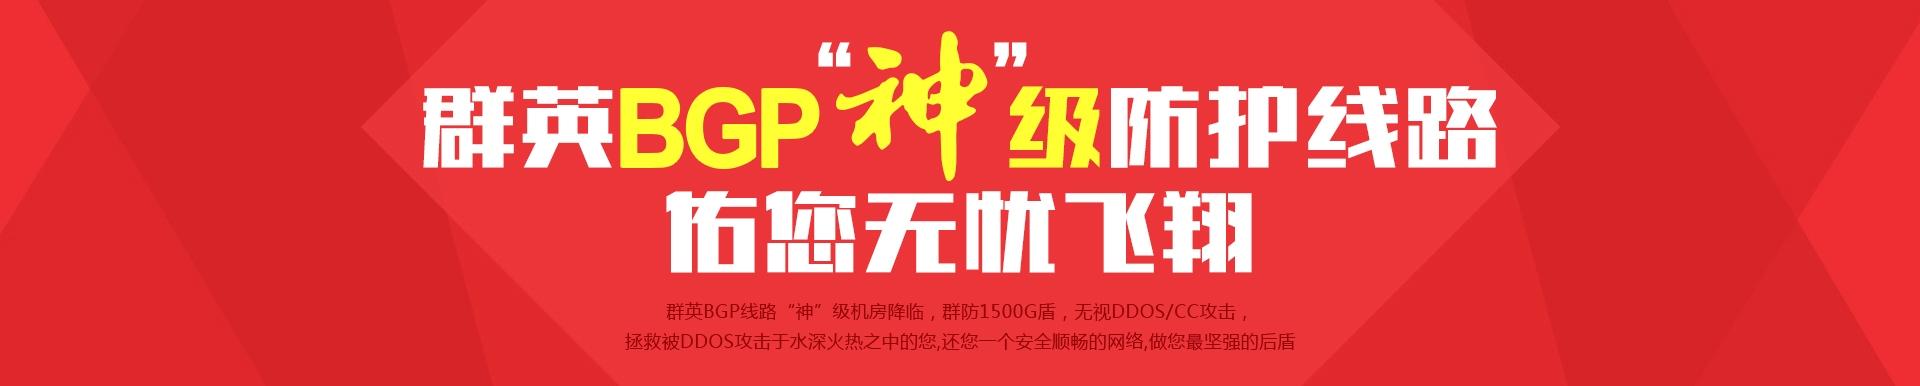 """201606群英BGP""""神""""级防护线路,佑您无忧飞翔"""